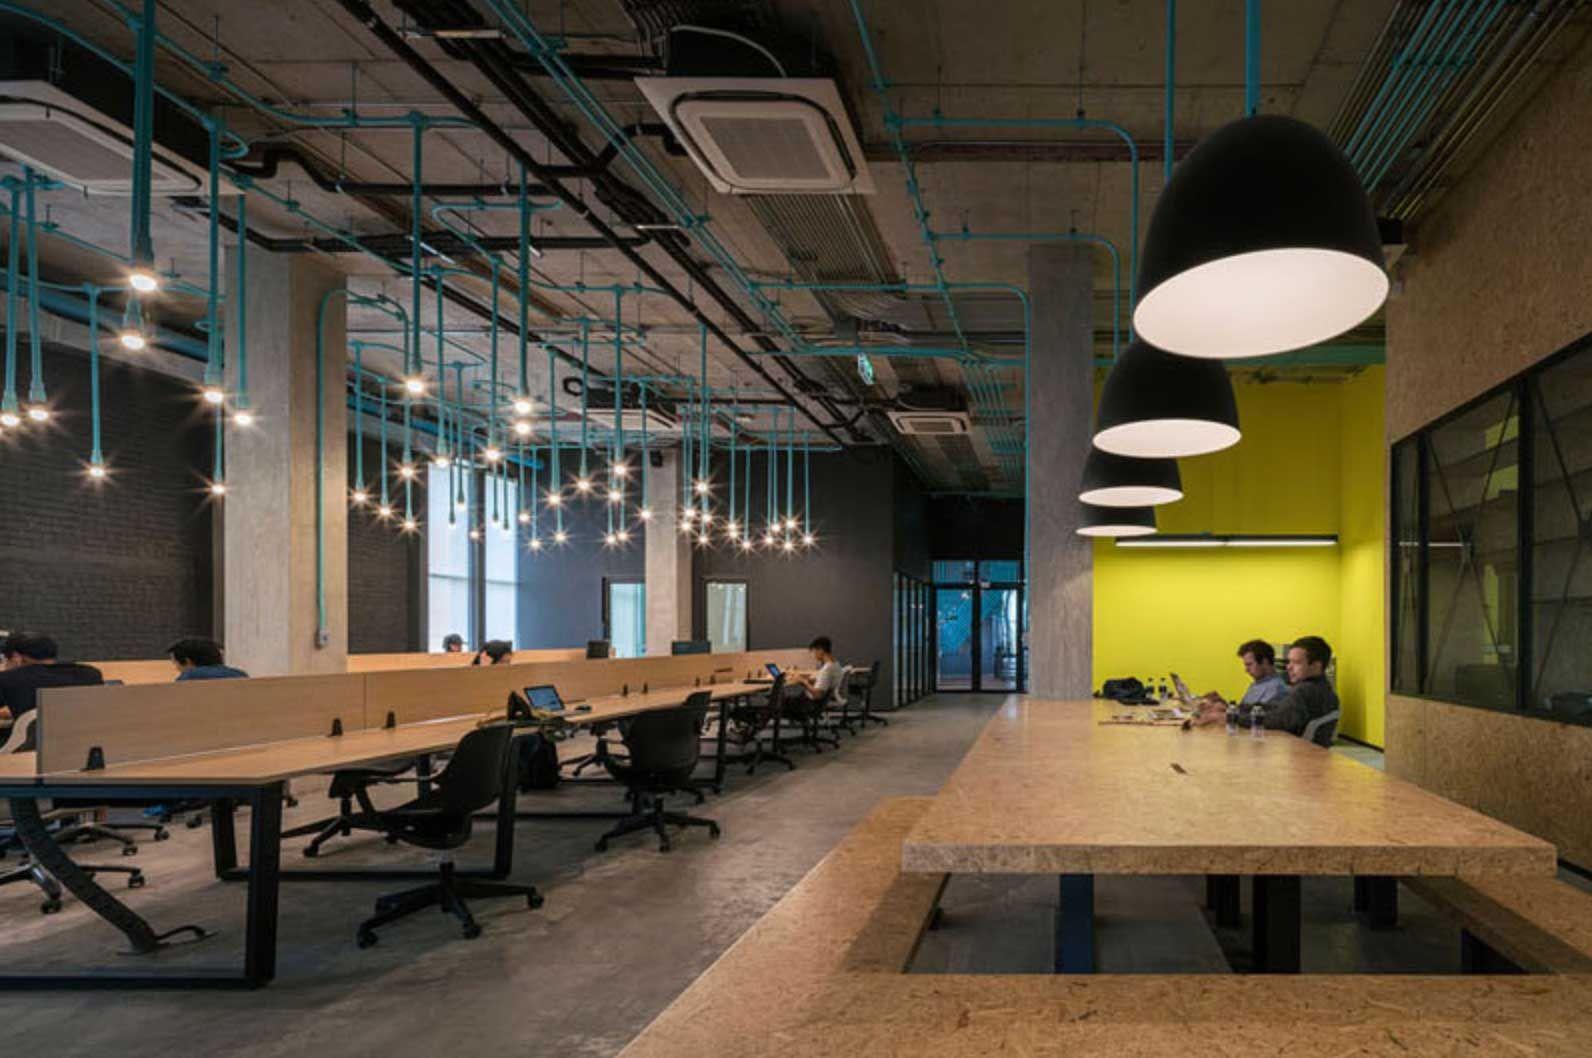 鮮やかな配管で空間にリズムを出す 開放感とデザインが共存する